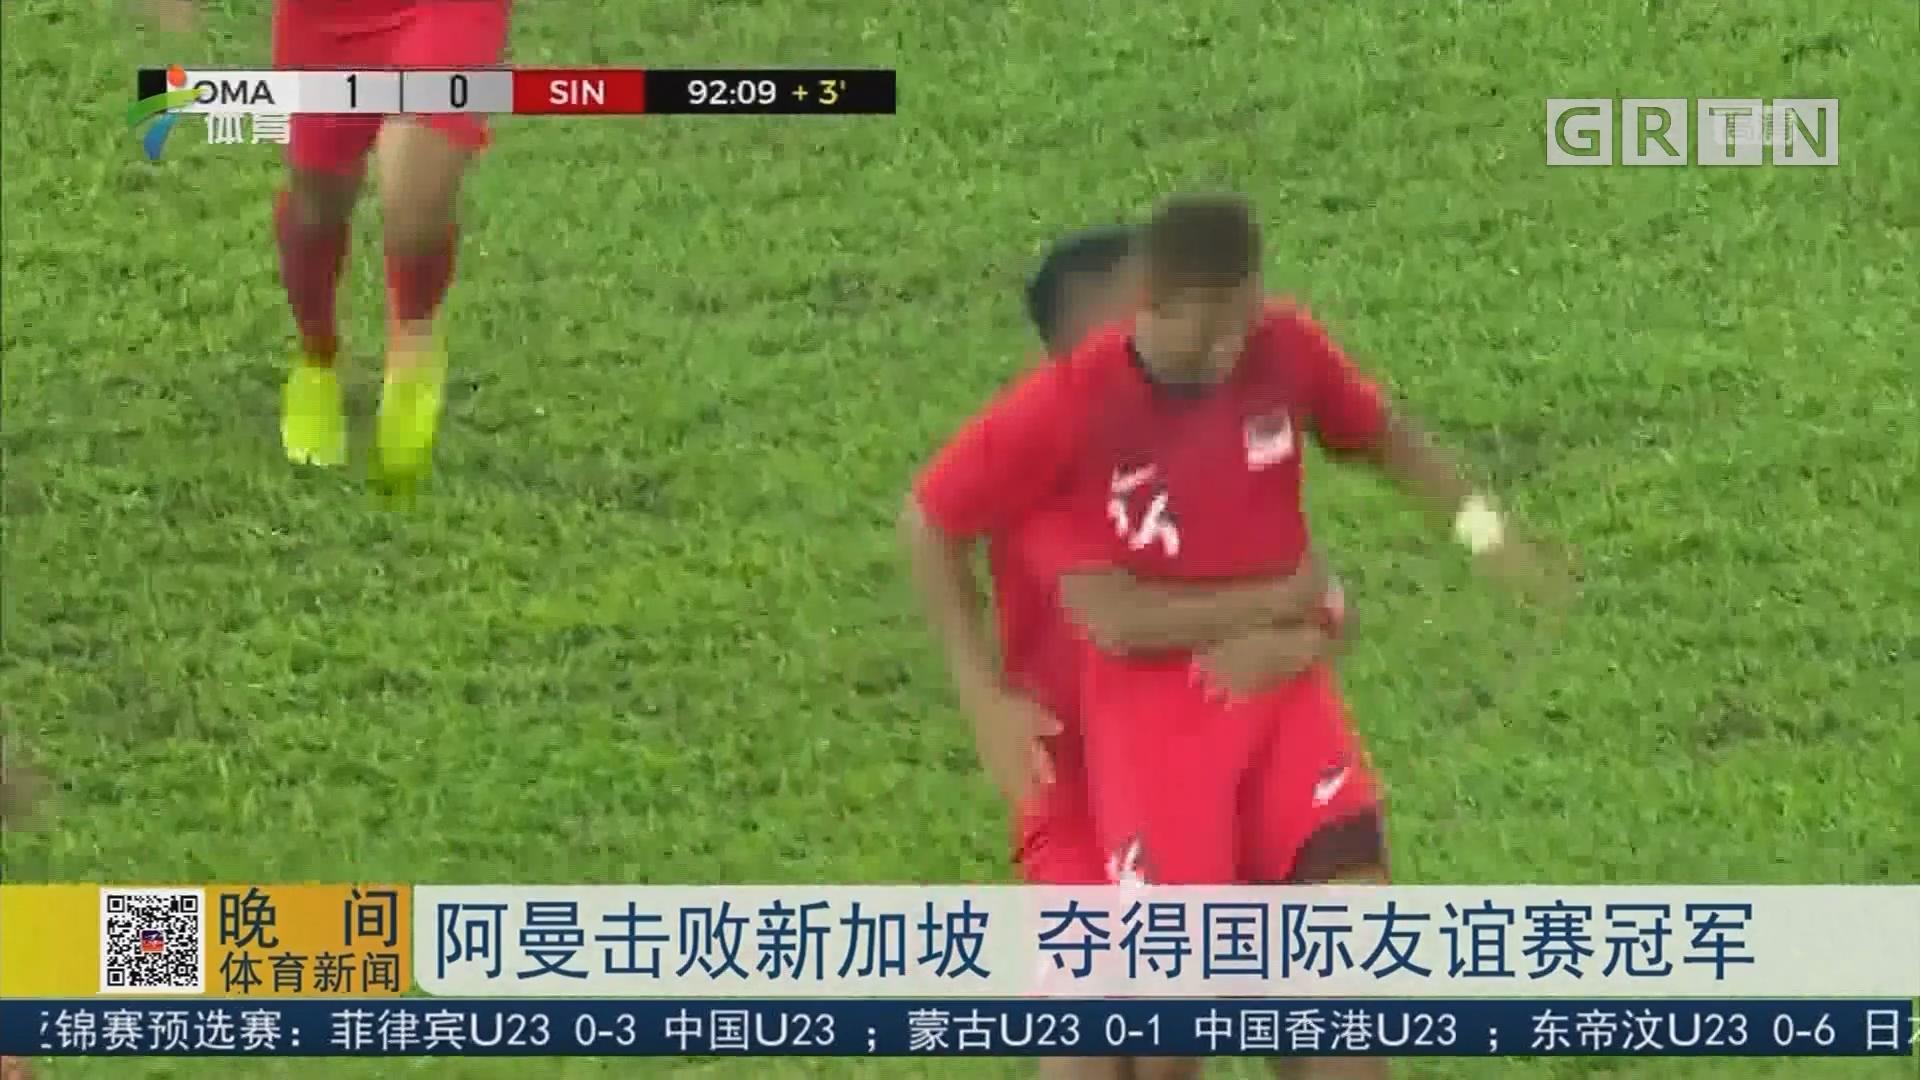 阿曼击败新加坡 夺得国际友谊赛冠军